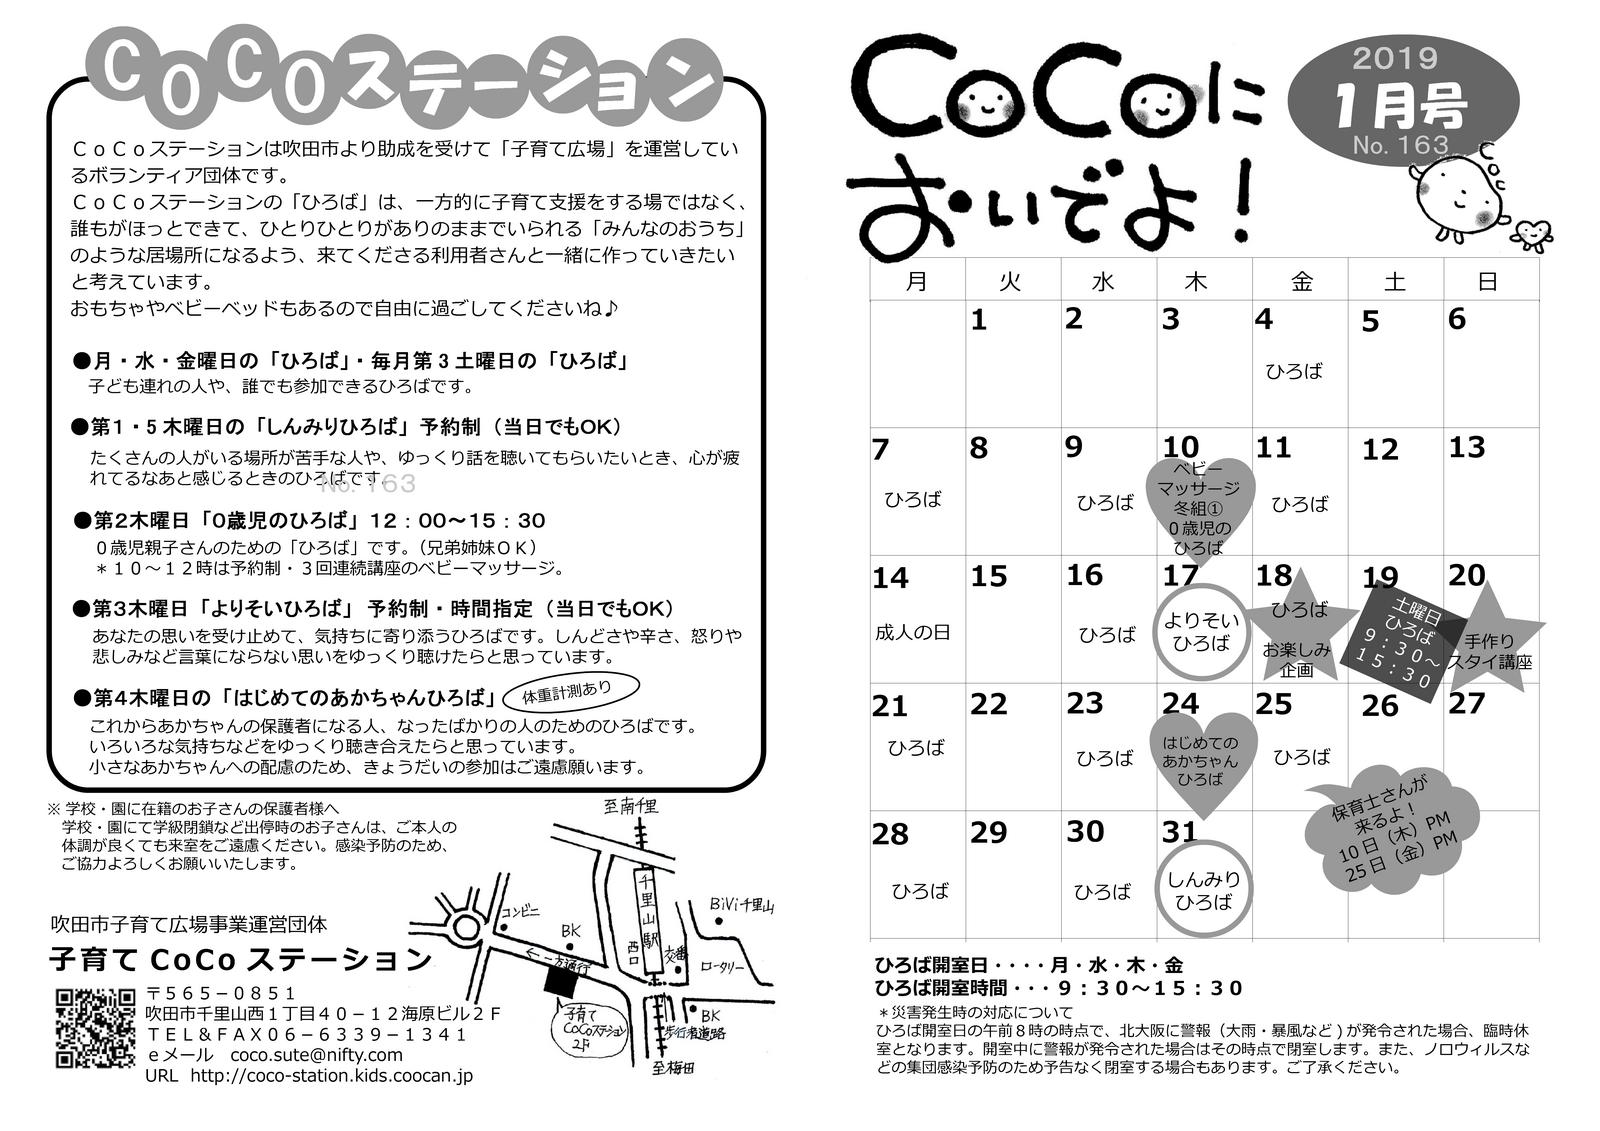 Coco_31_1